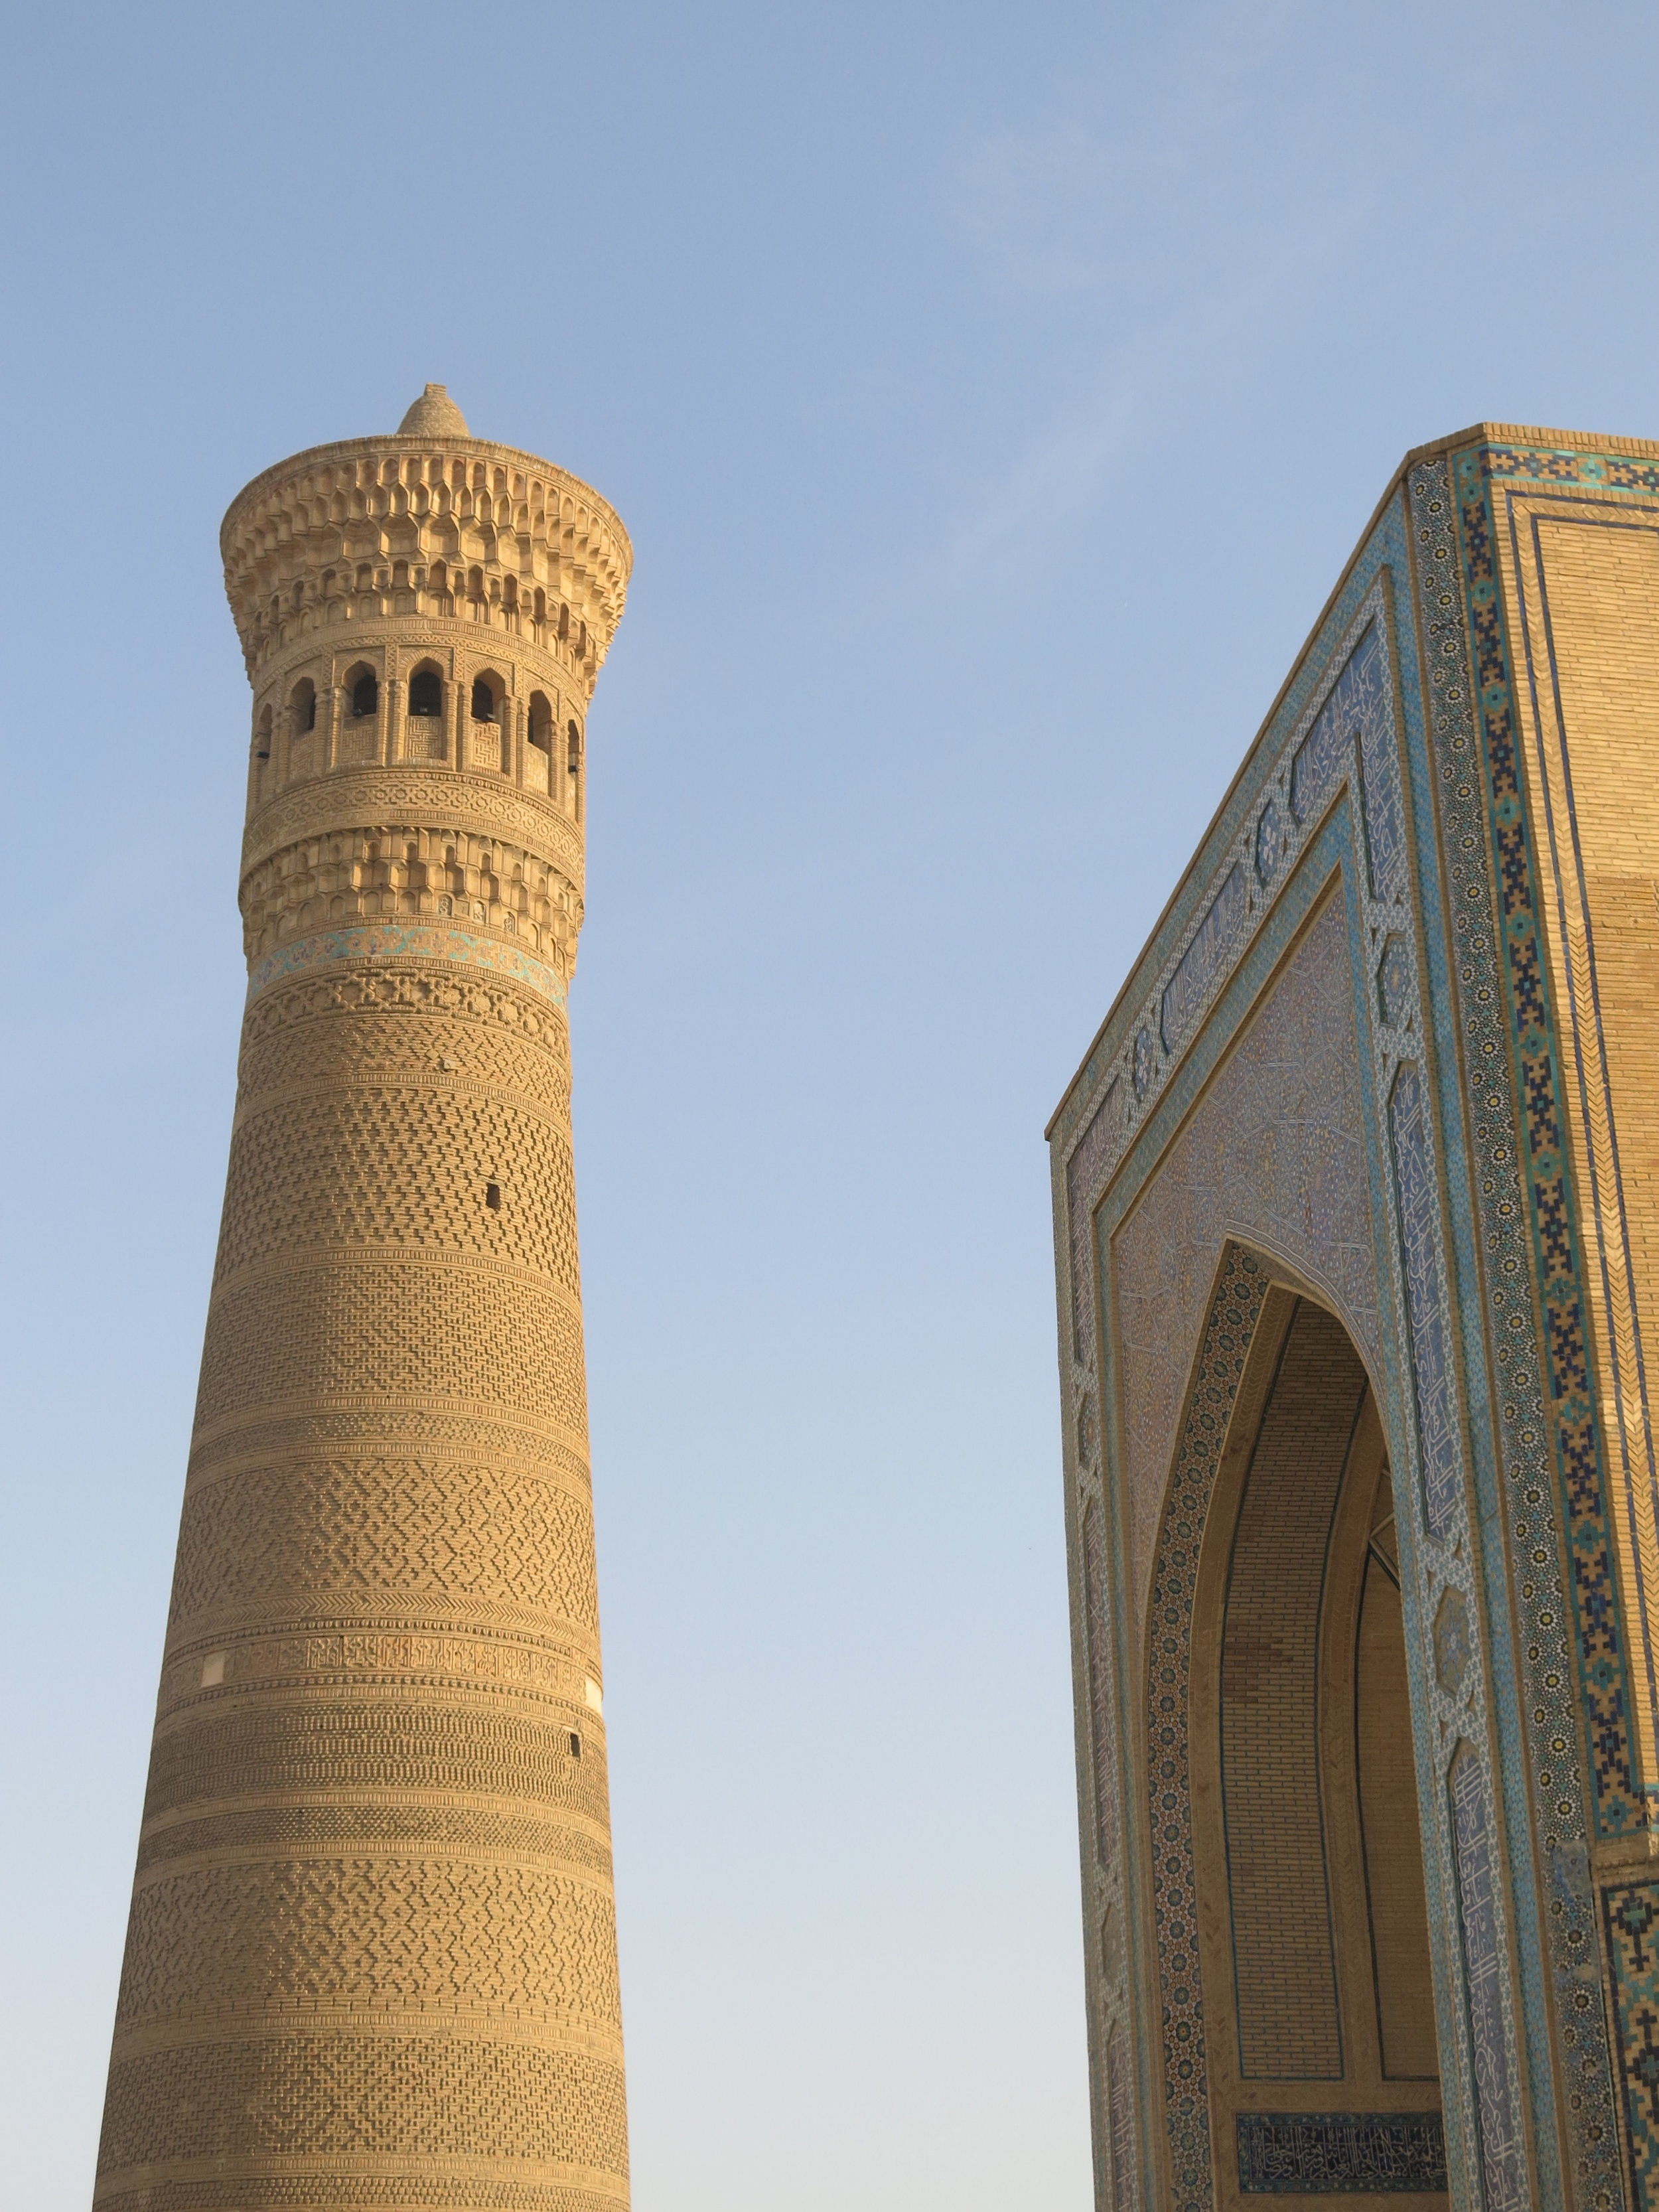 The Kalyan minaret culminates at 45 meters